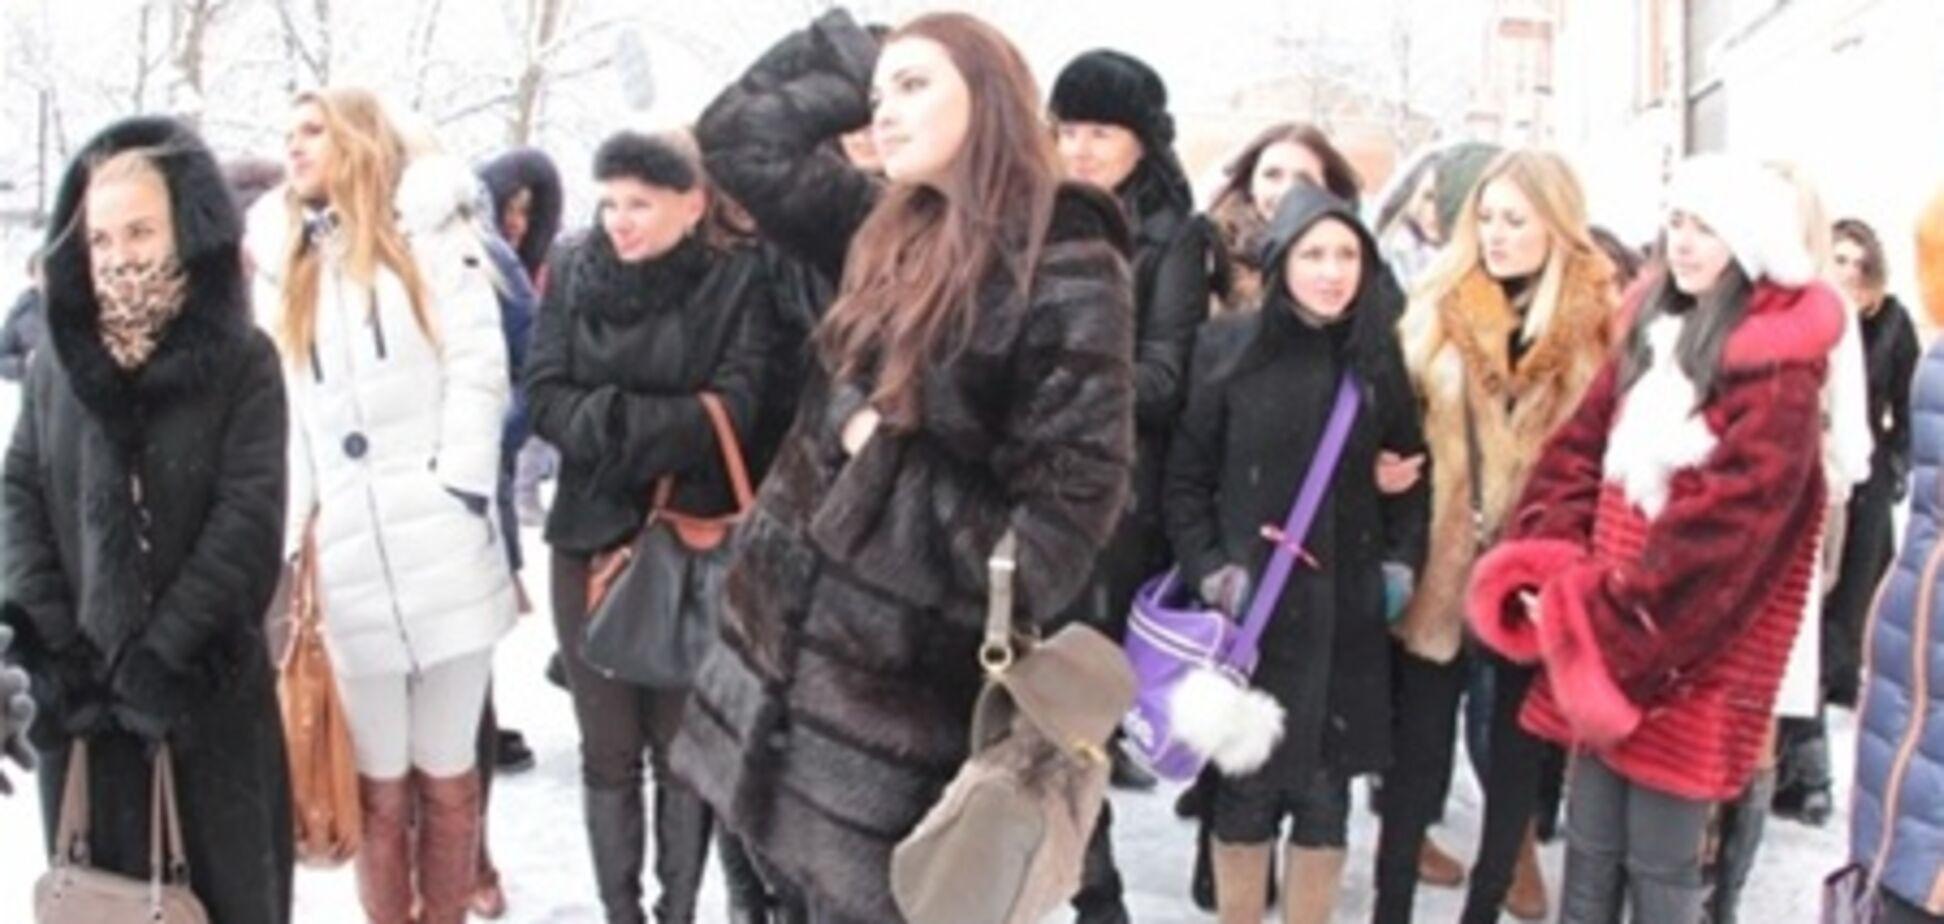 Заради зустрічі з Меладзе тисячі дівчат займали чергу з 4:00 ранку